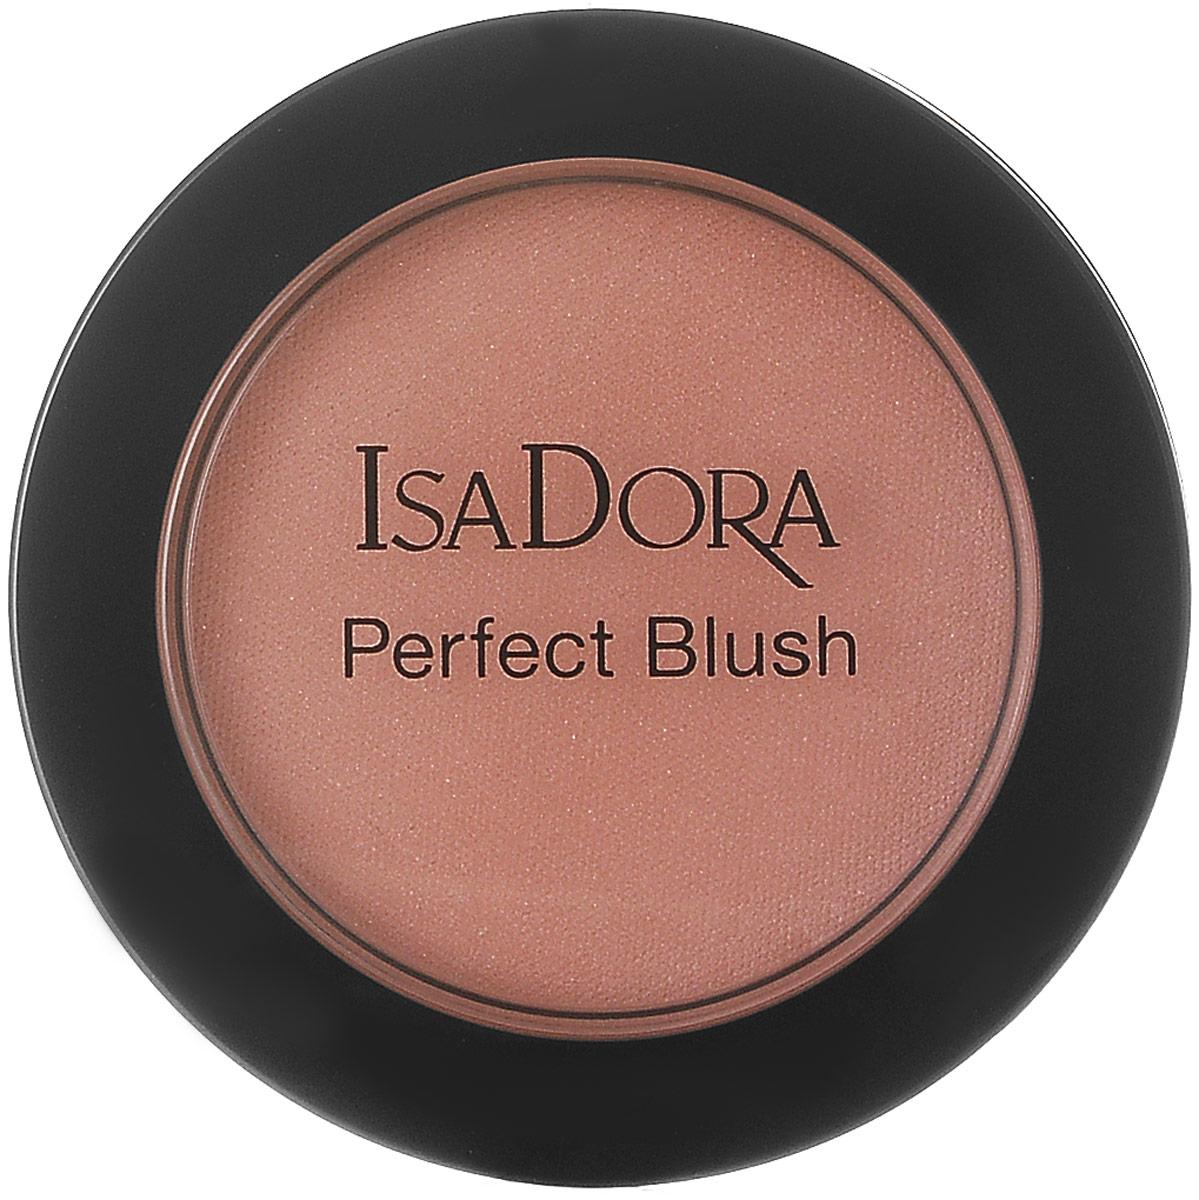 Isadora румяна Perfect blush 66 4,5грA8910000Нежные бархатистые румяна, устойчивые, насыщенная пигментами текстура, матовые и сияющие оттенки.Без отдушек. Клинически тестировано.